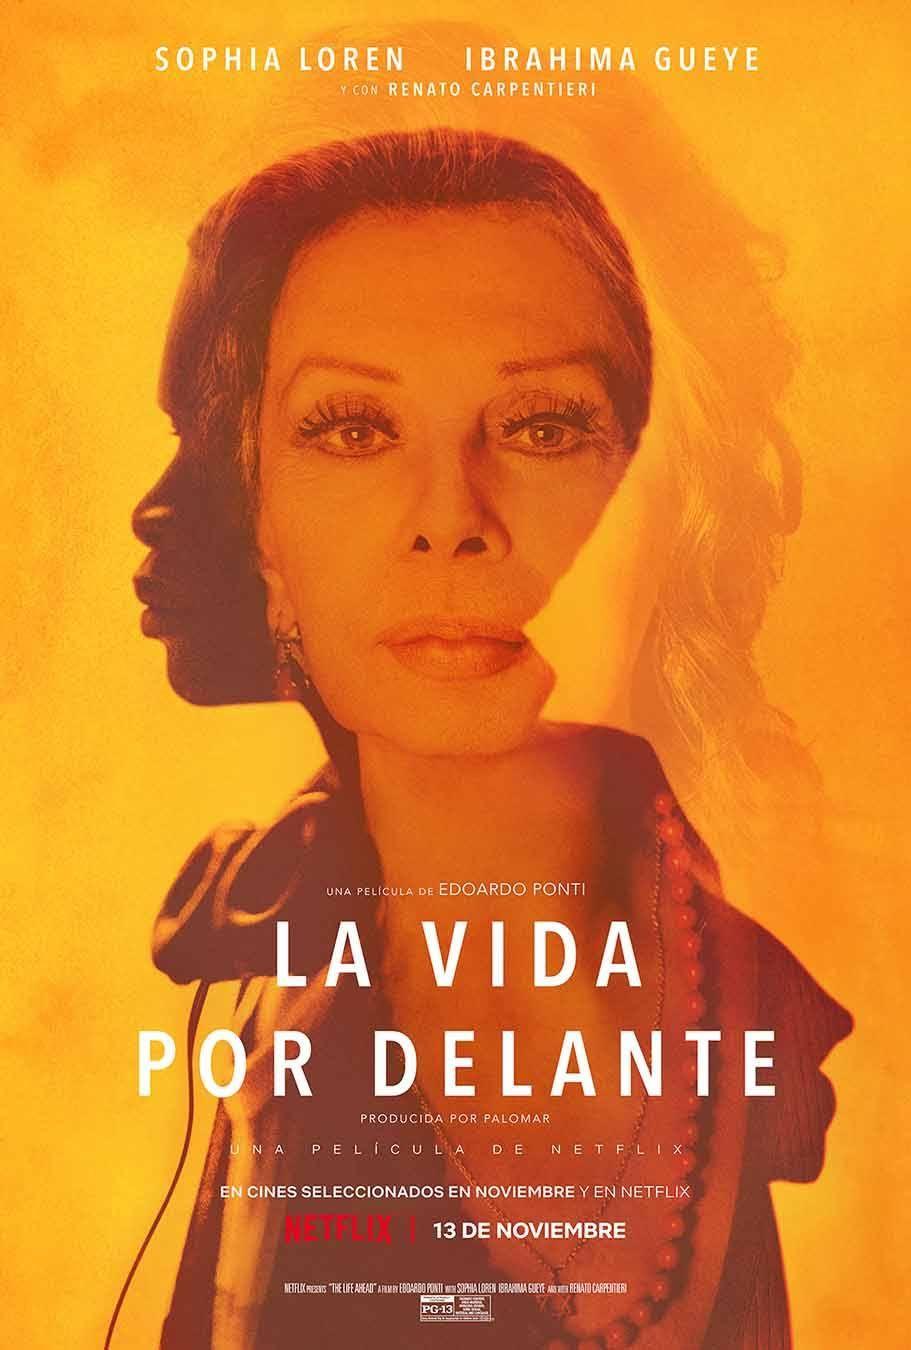 La Vida Por Delante Sophia Loren Peliculas Pelicula De Netflix